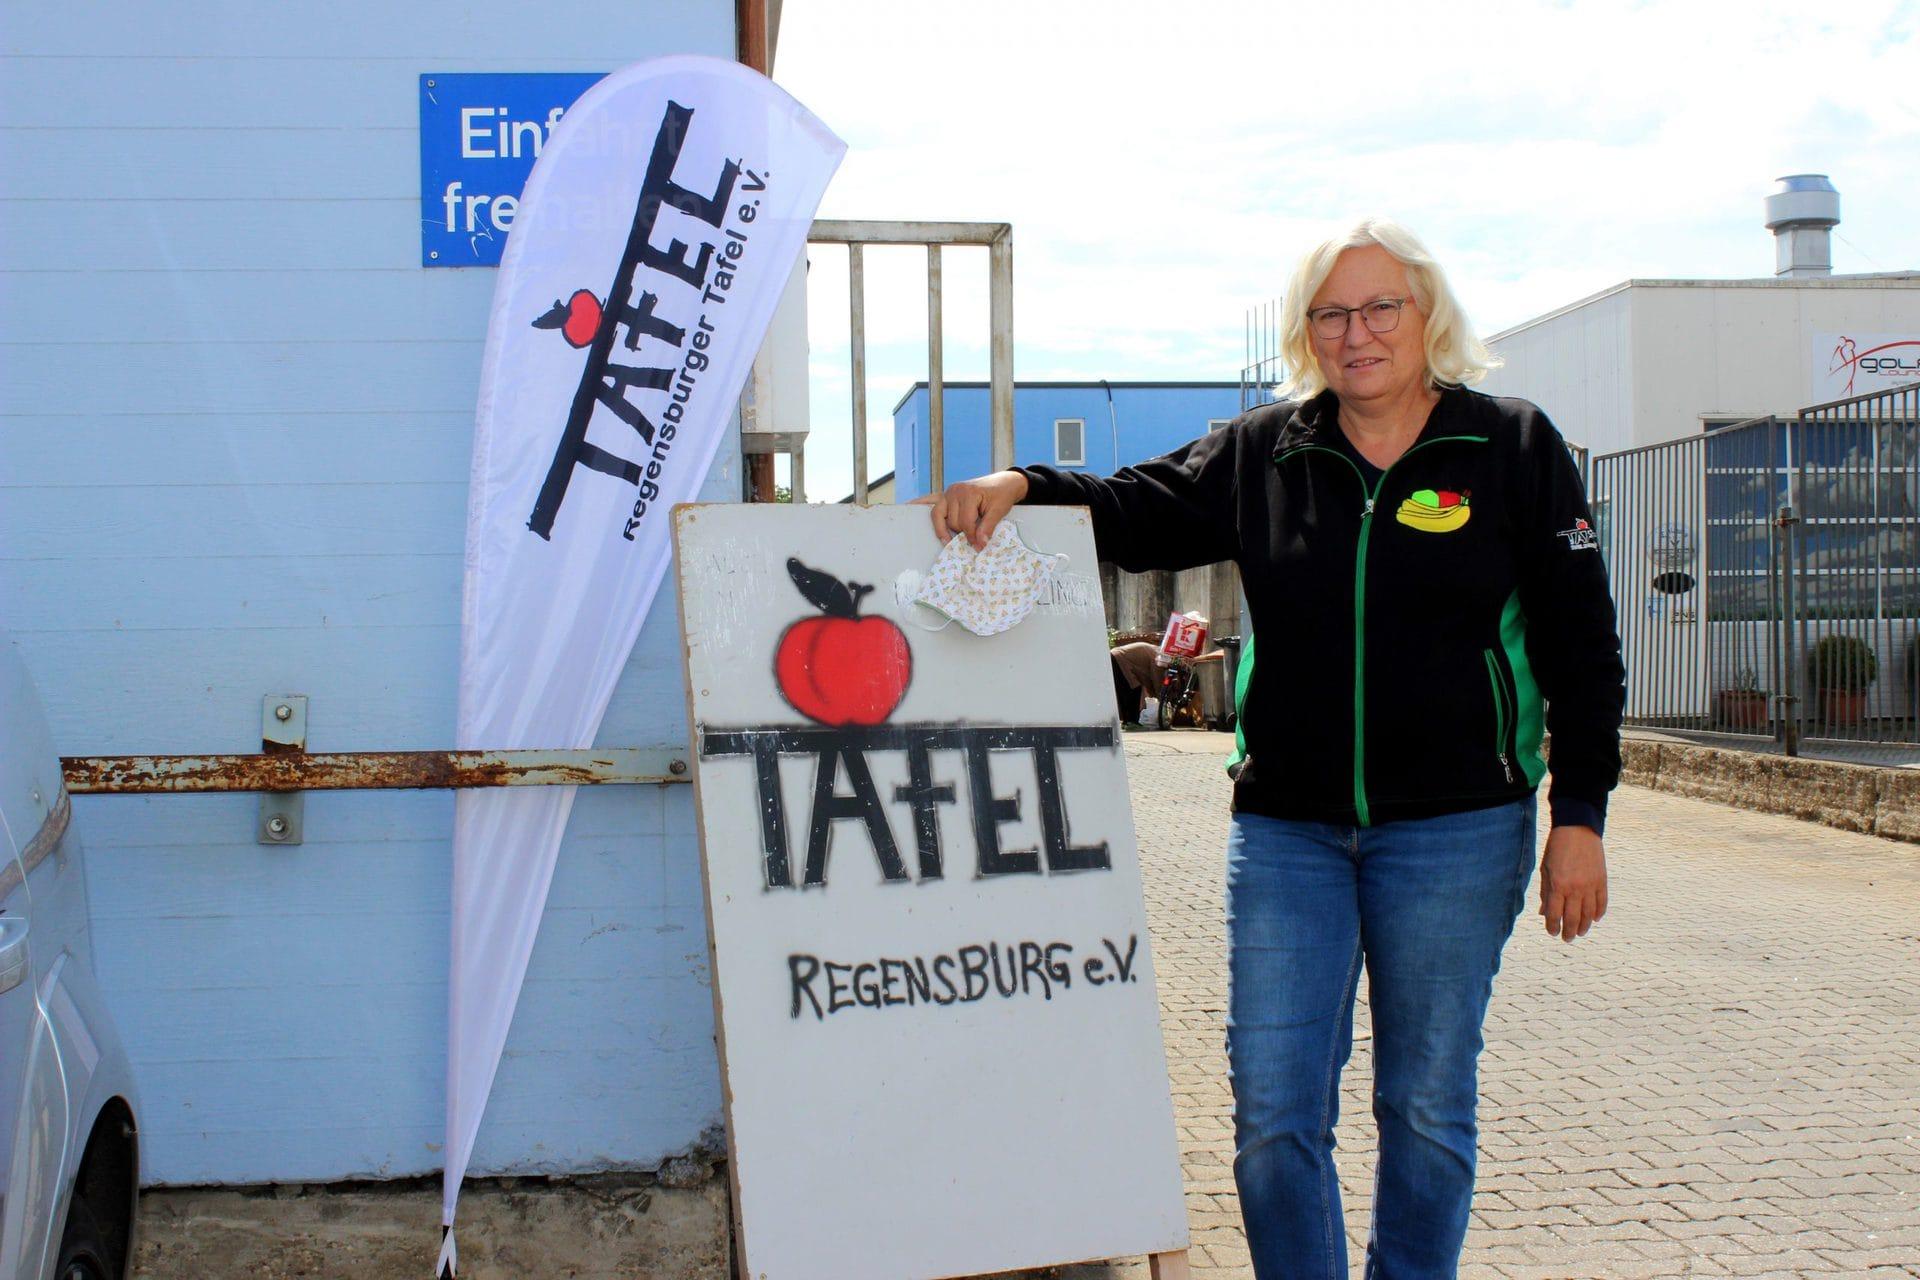 """Reibungslos in eine neue Ära Christine Gansbühler, Vorsitzende der Tafel Regensburg: """"Ich glaube wieder an Wunder!"""""""